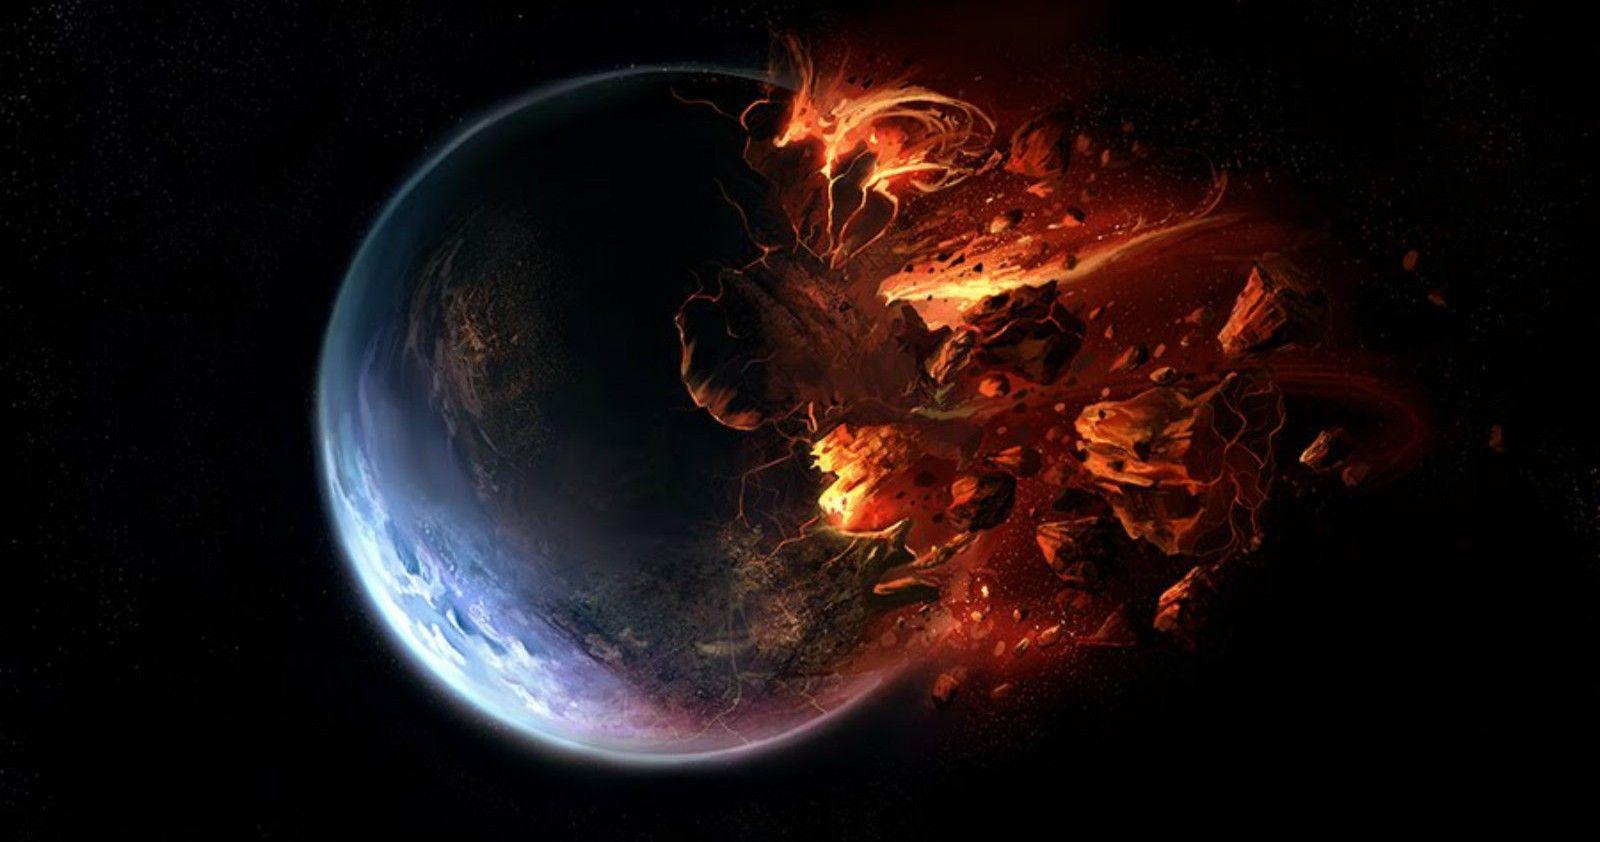 जाने दुनिया कब खत्म होगी? न्यूटन की भविष्यवाणी